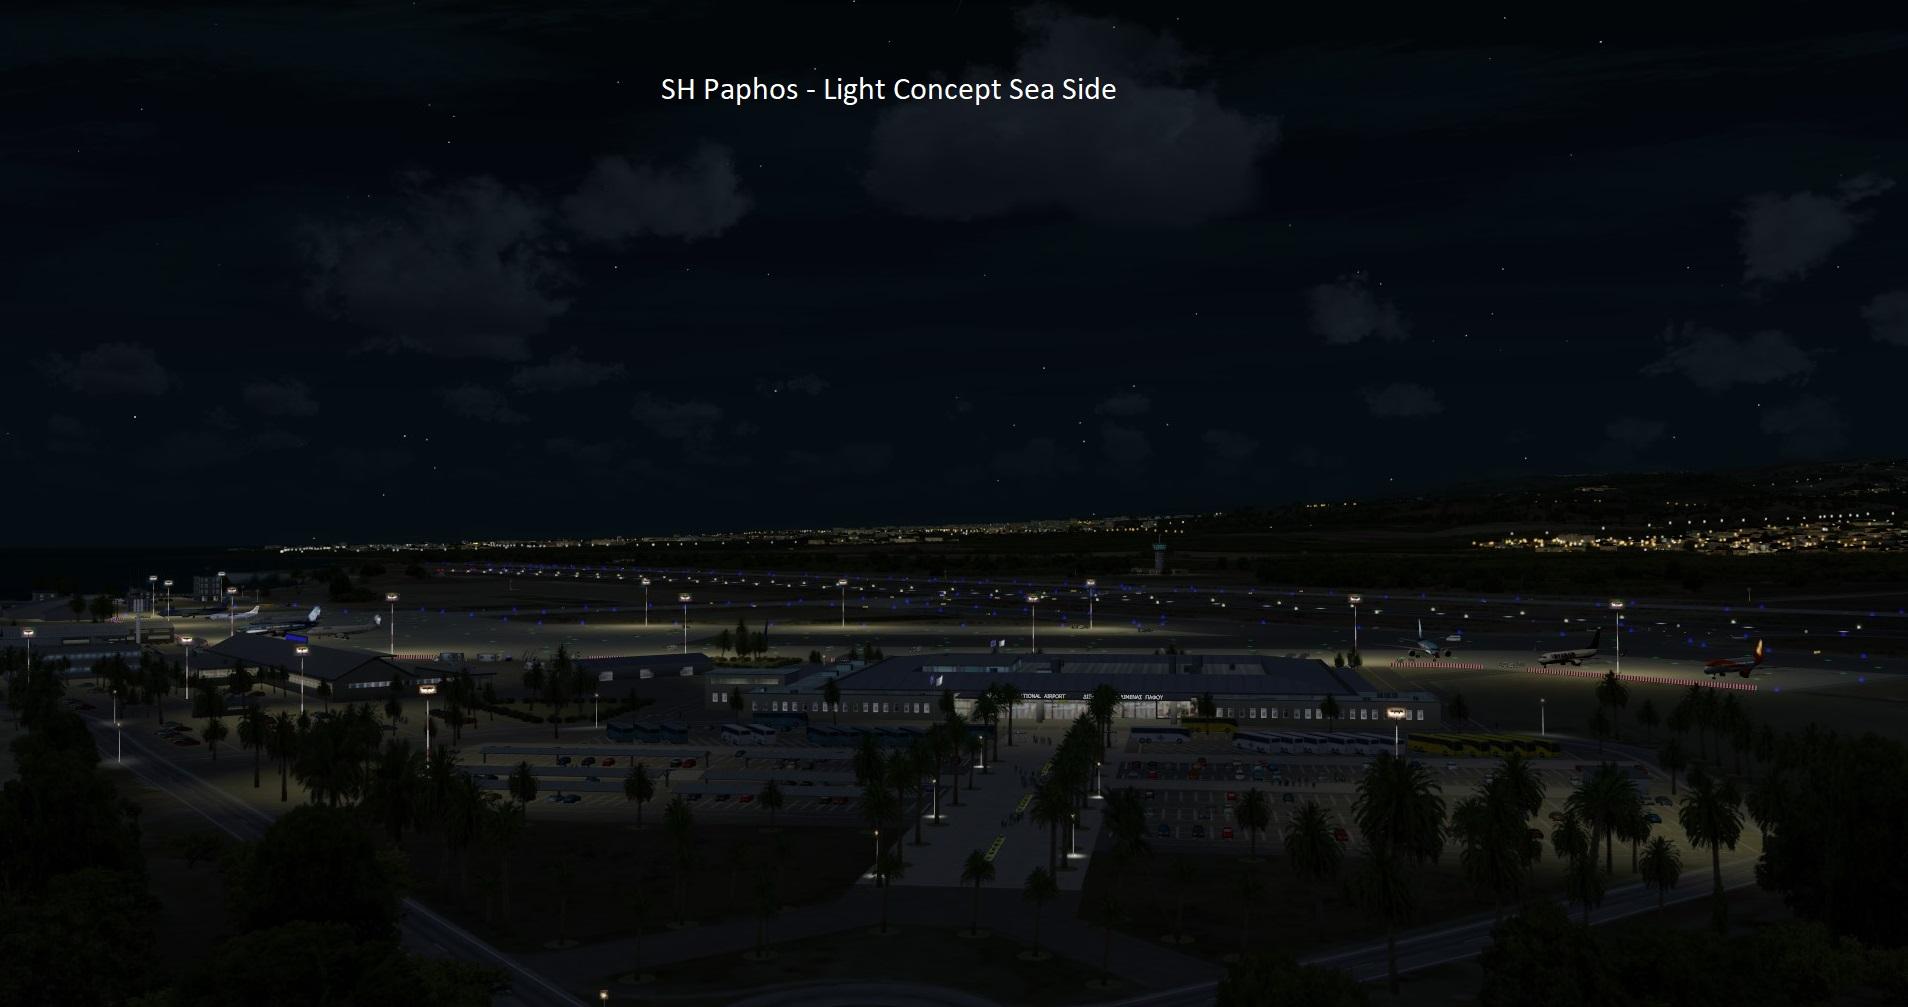 lightconceptseaside8pk7t.jpg